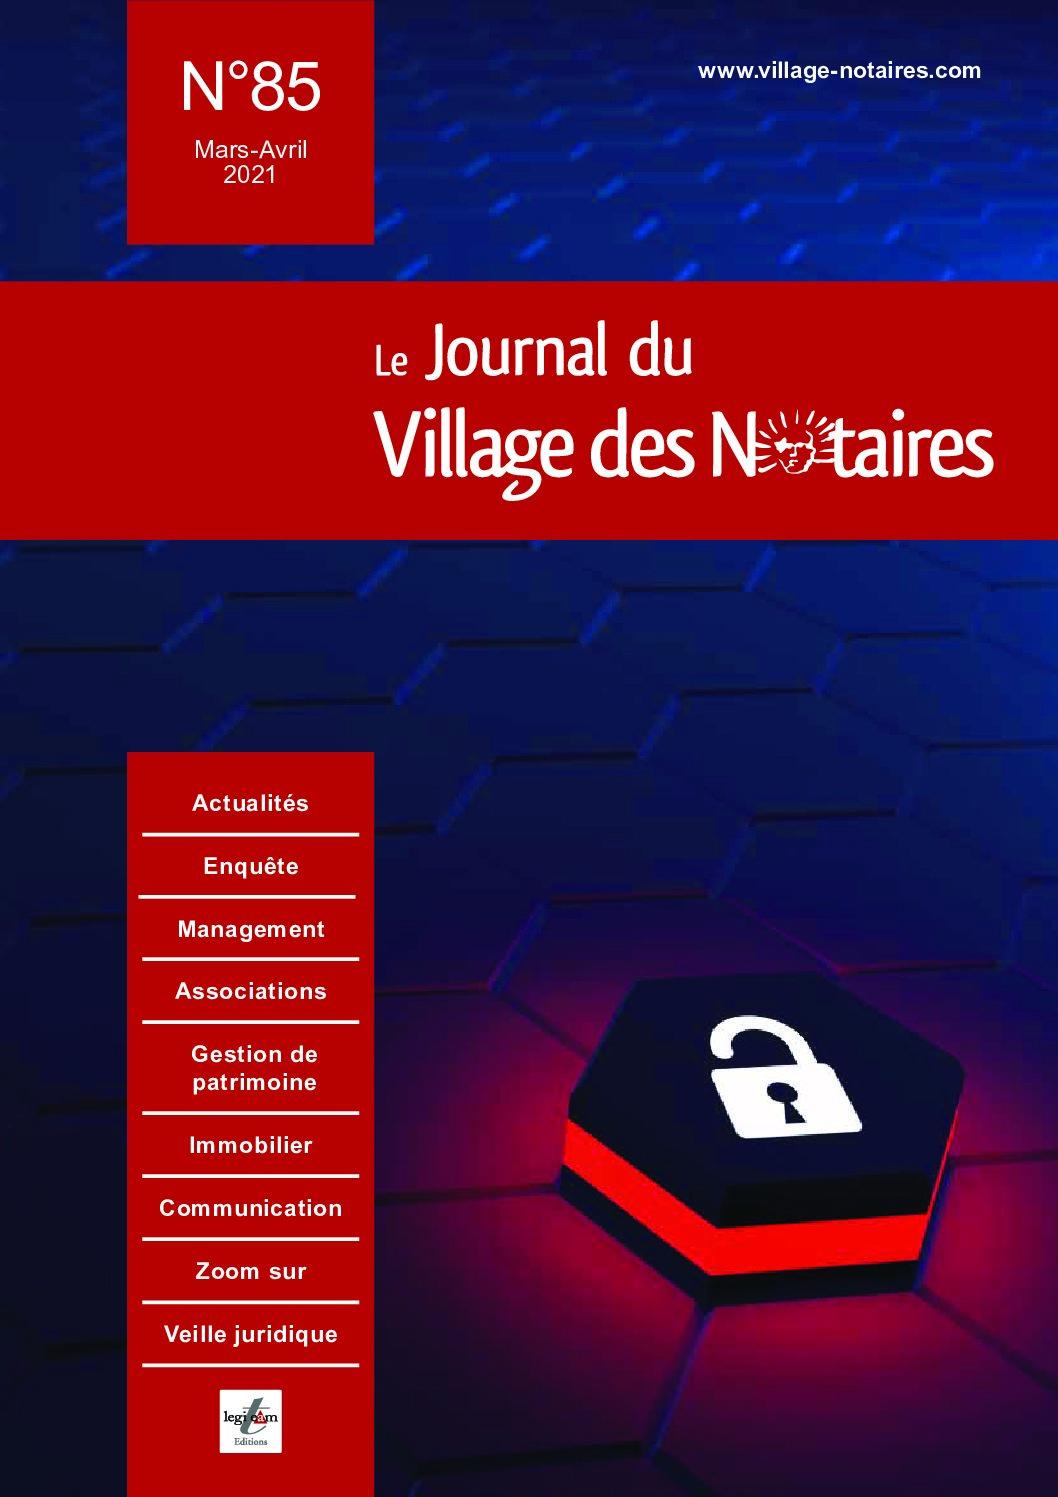 JVN-85-1-pdf Résilience, risque cyber et assurance : interview de RESCO Courtage (Village des Notaires)